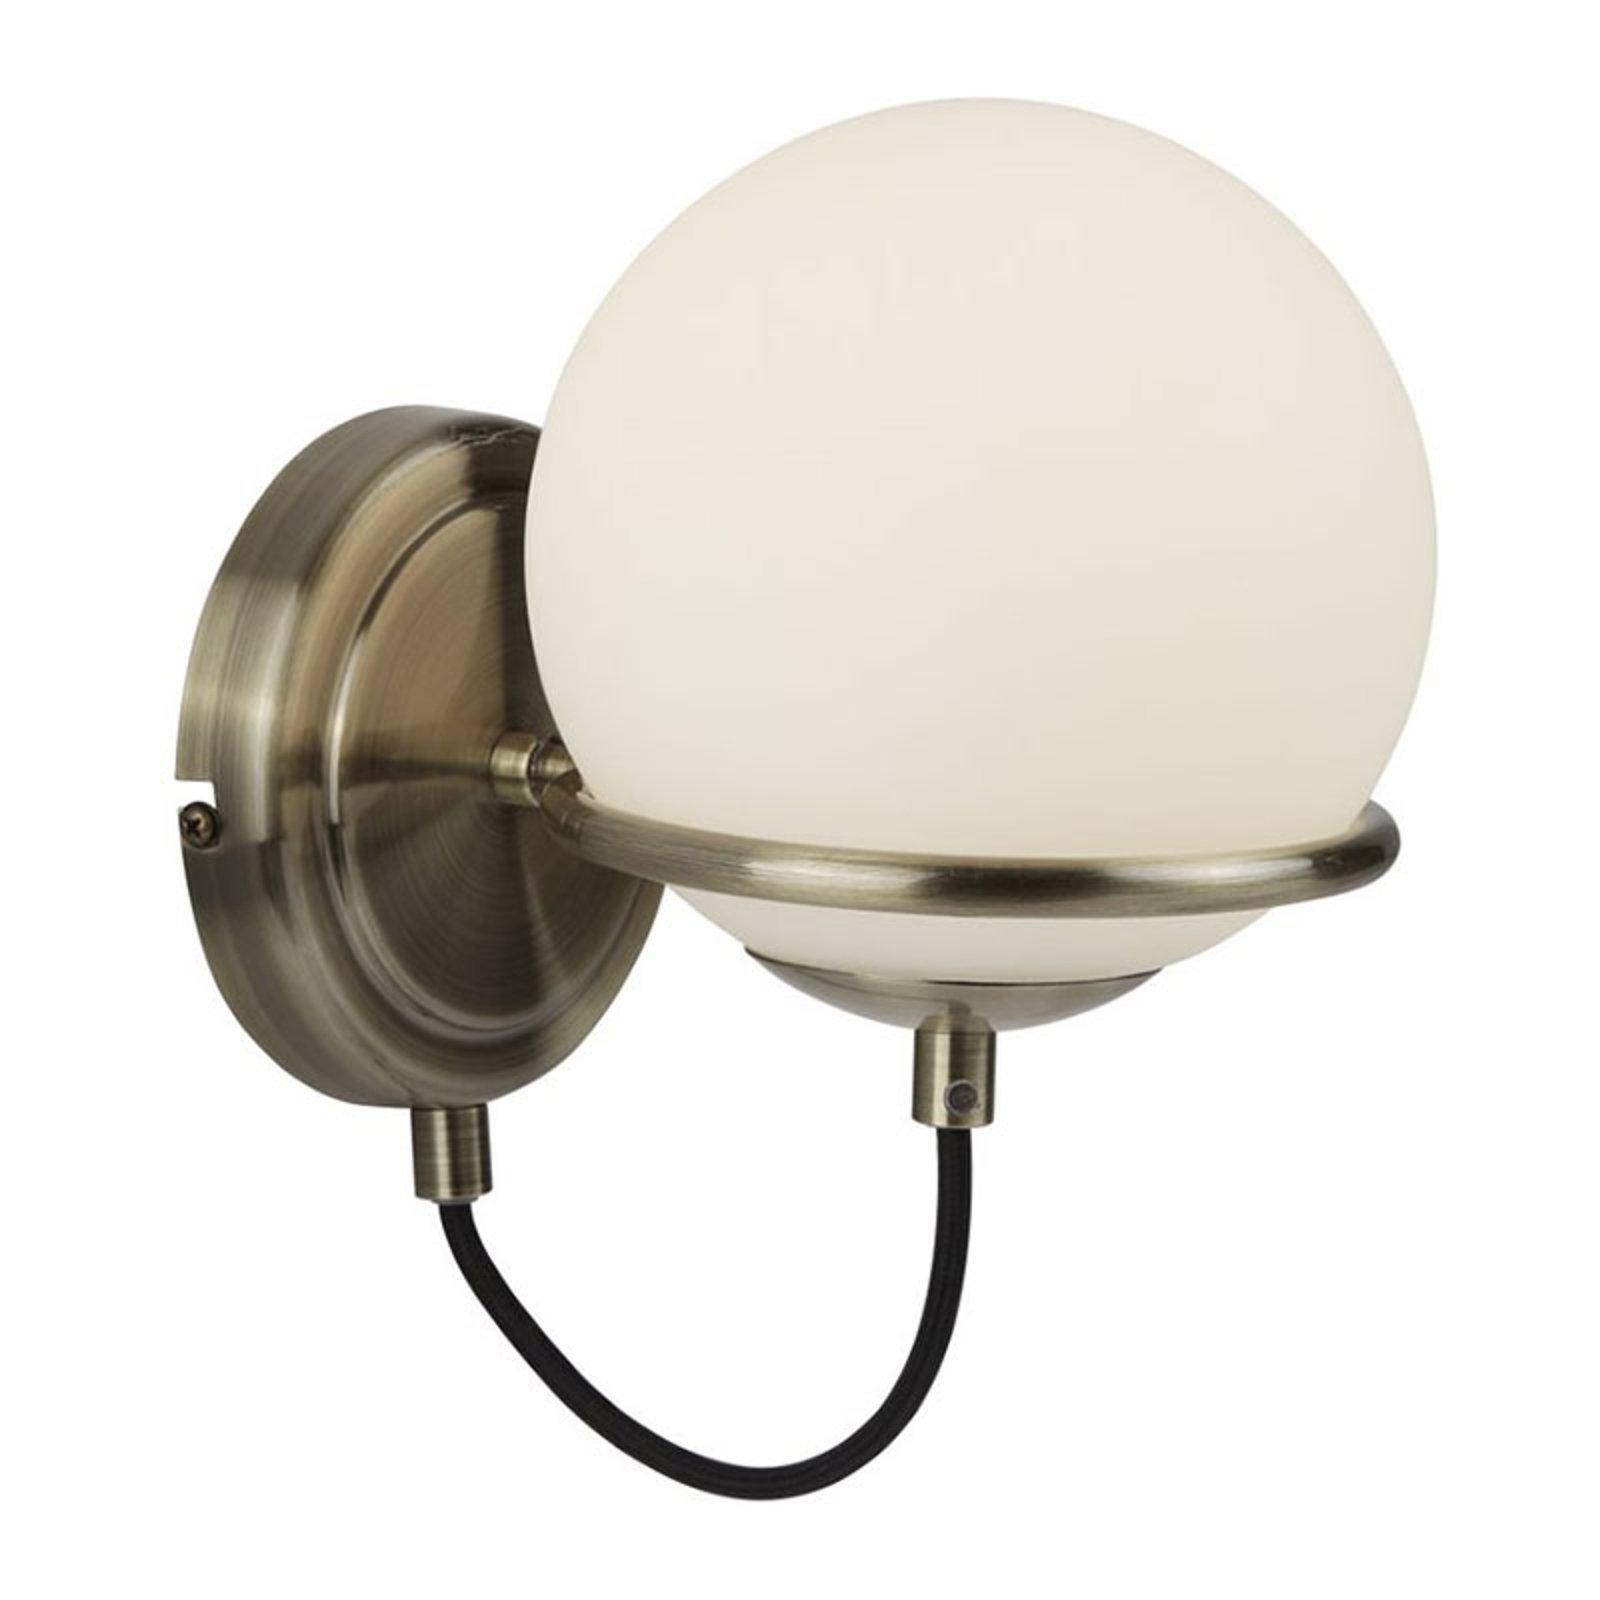 Vegglampe Sphere med kuleskjerm av glass